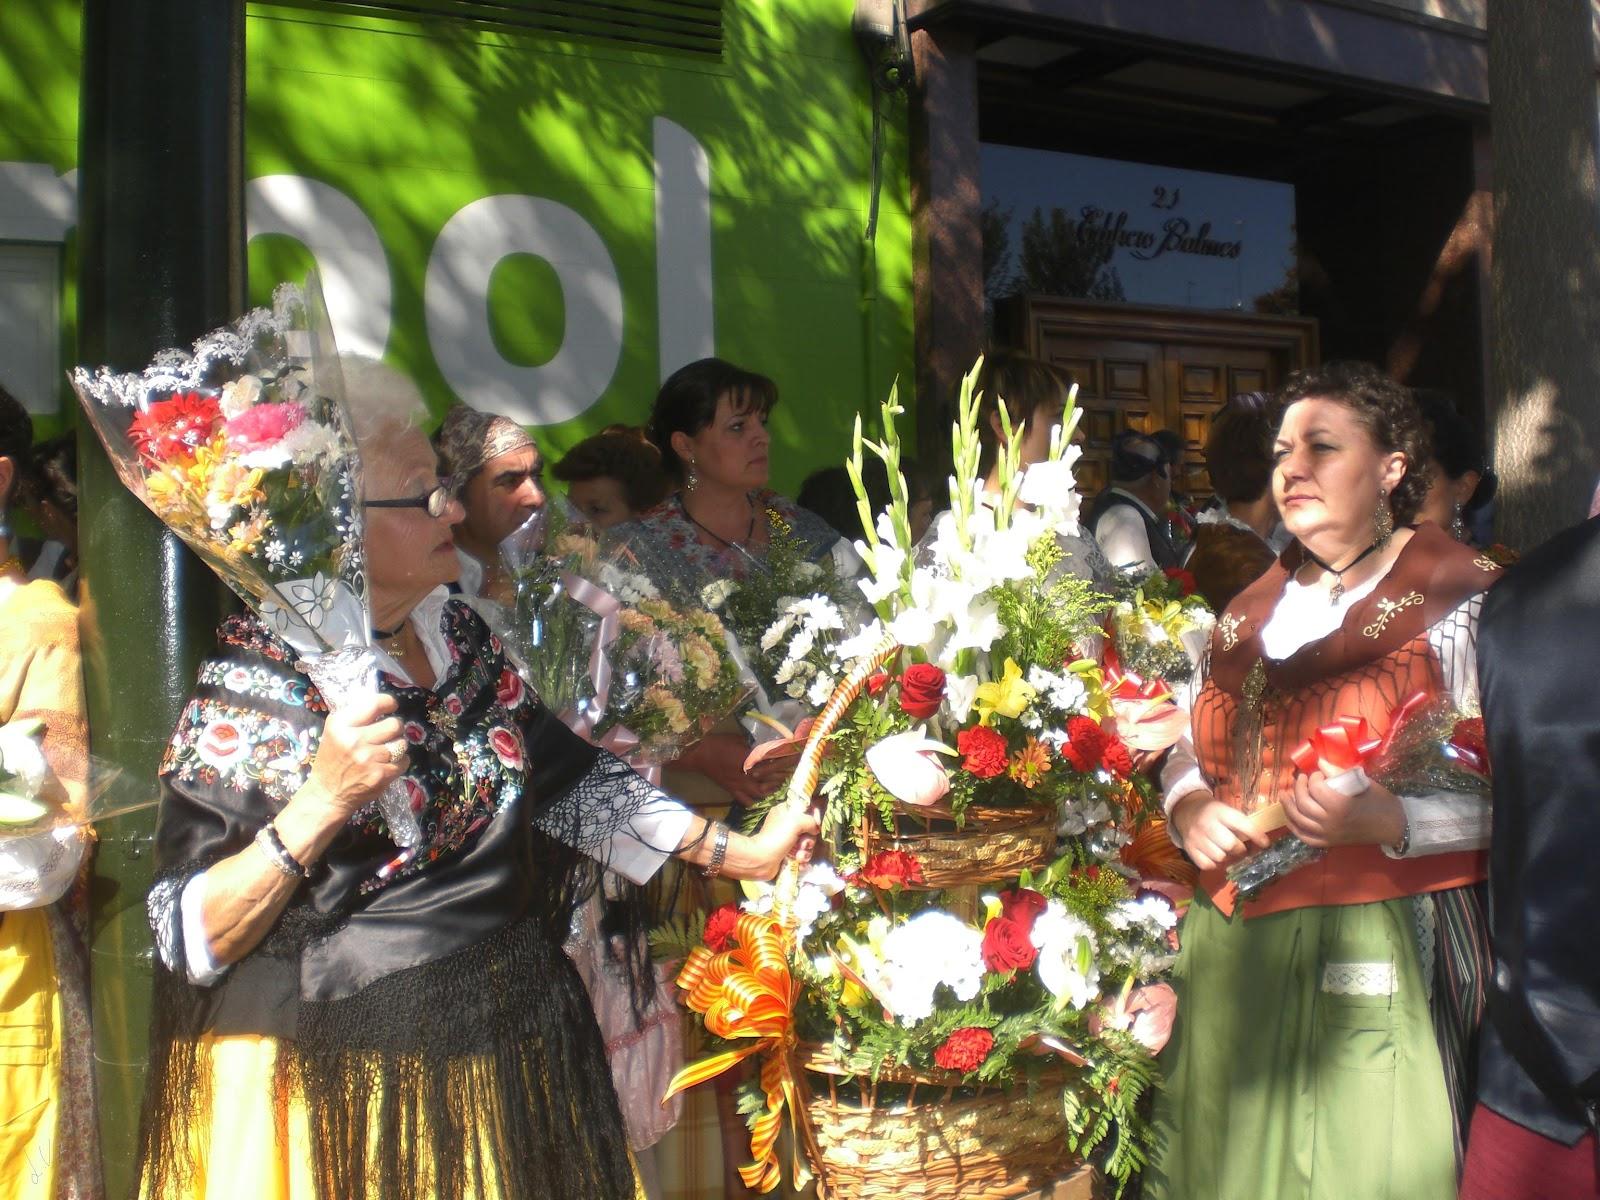 Ofrenda de Flores Zaragoza Evento Facebook - Fotos Ofrenda De Flores Zaragoza 2011